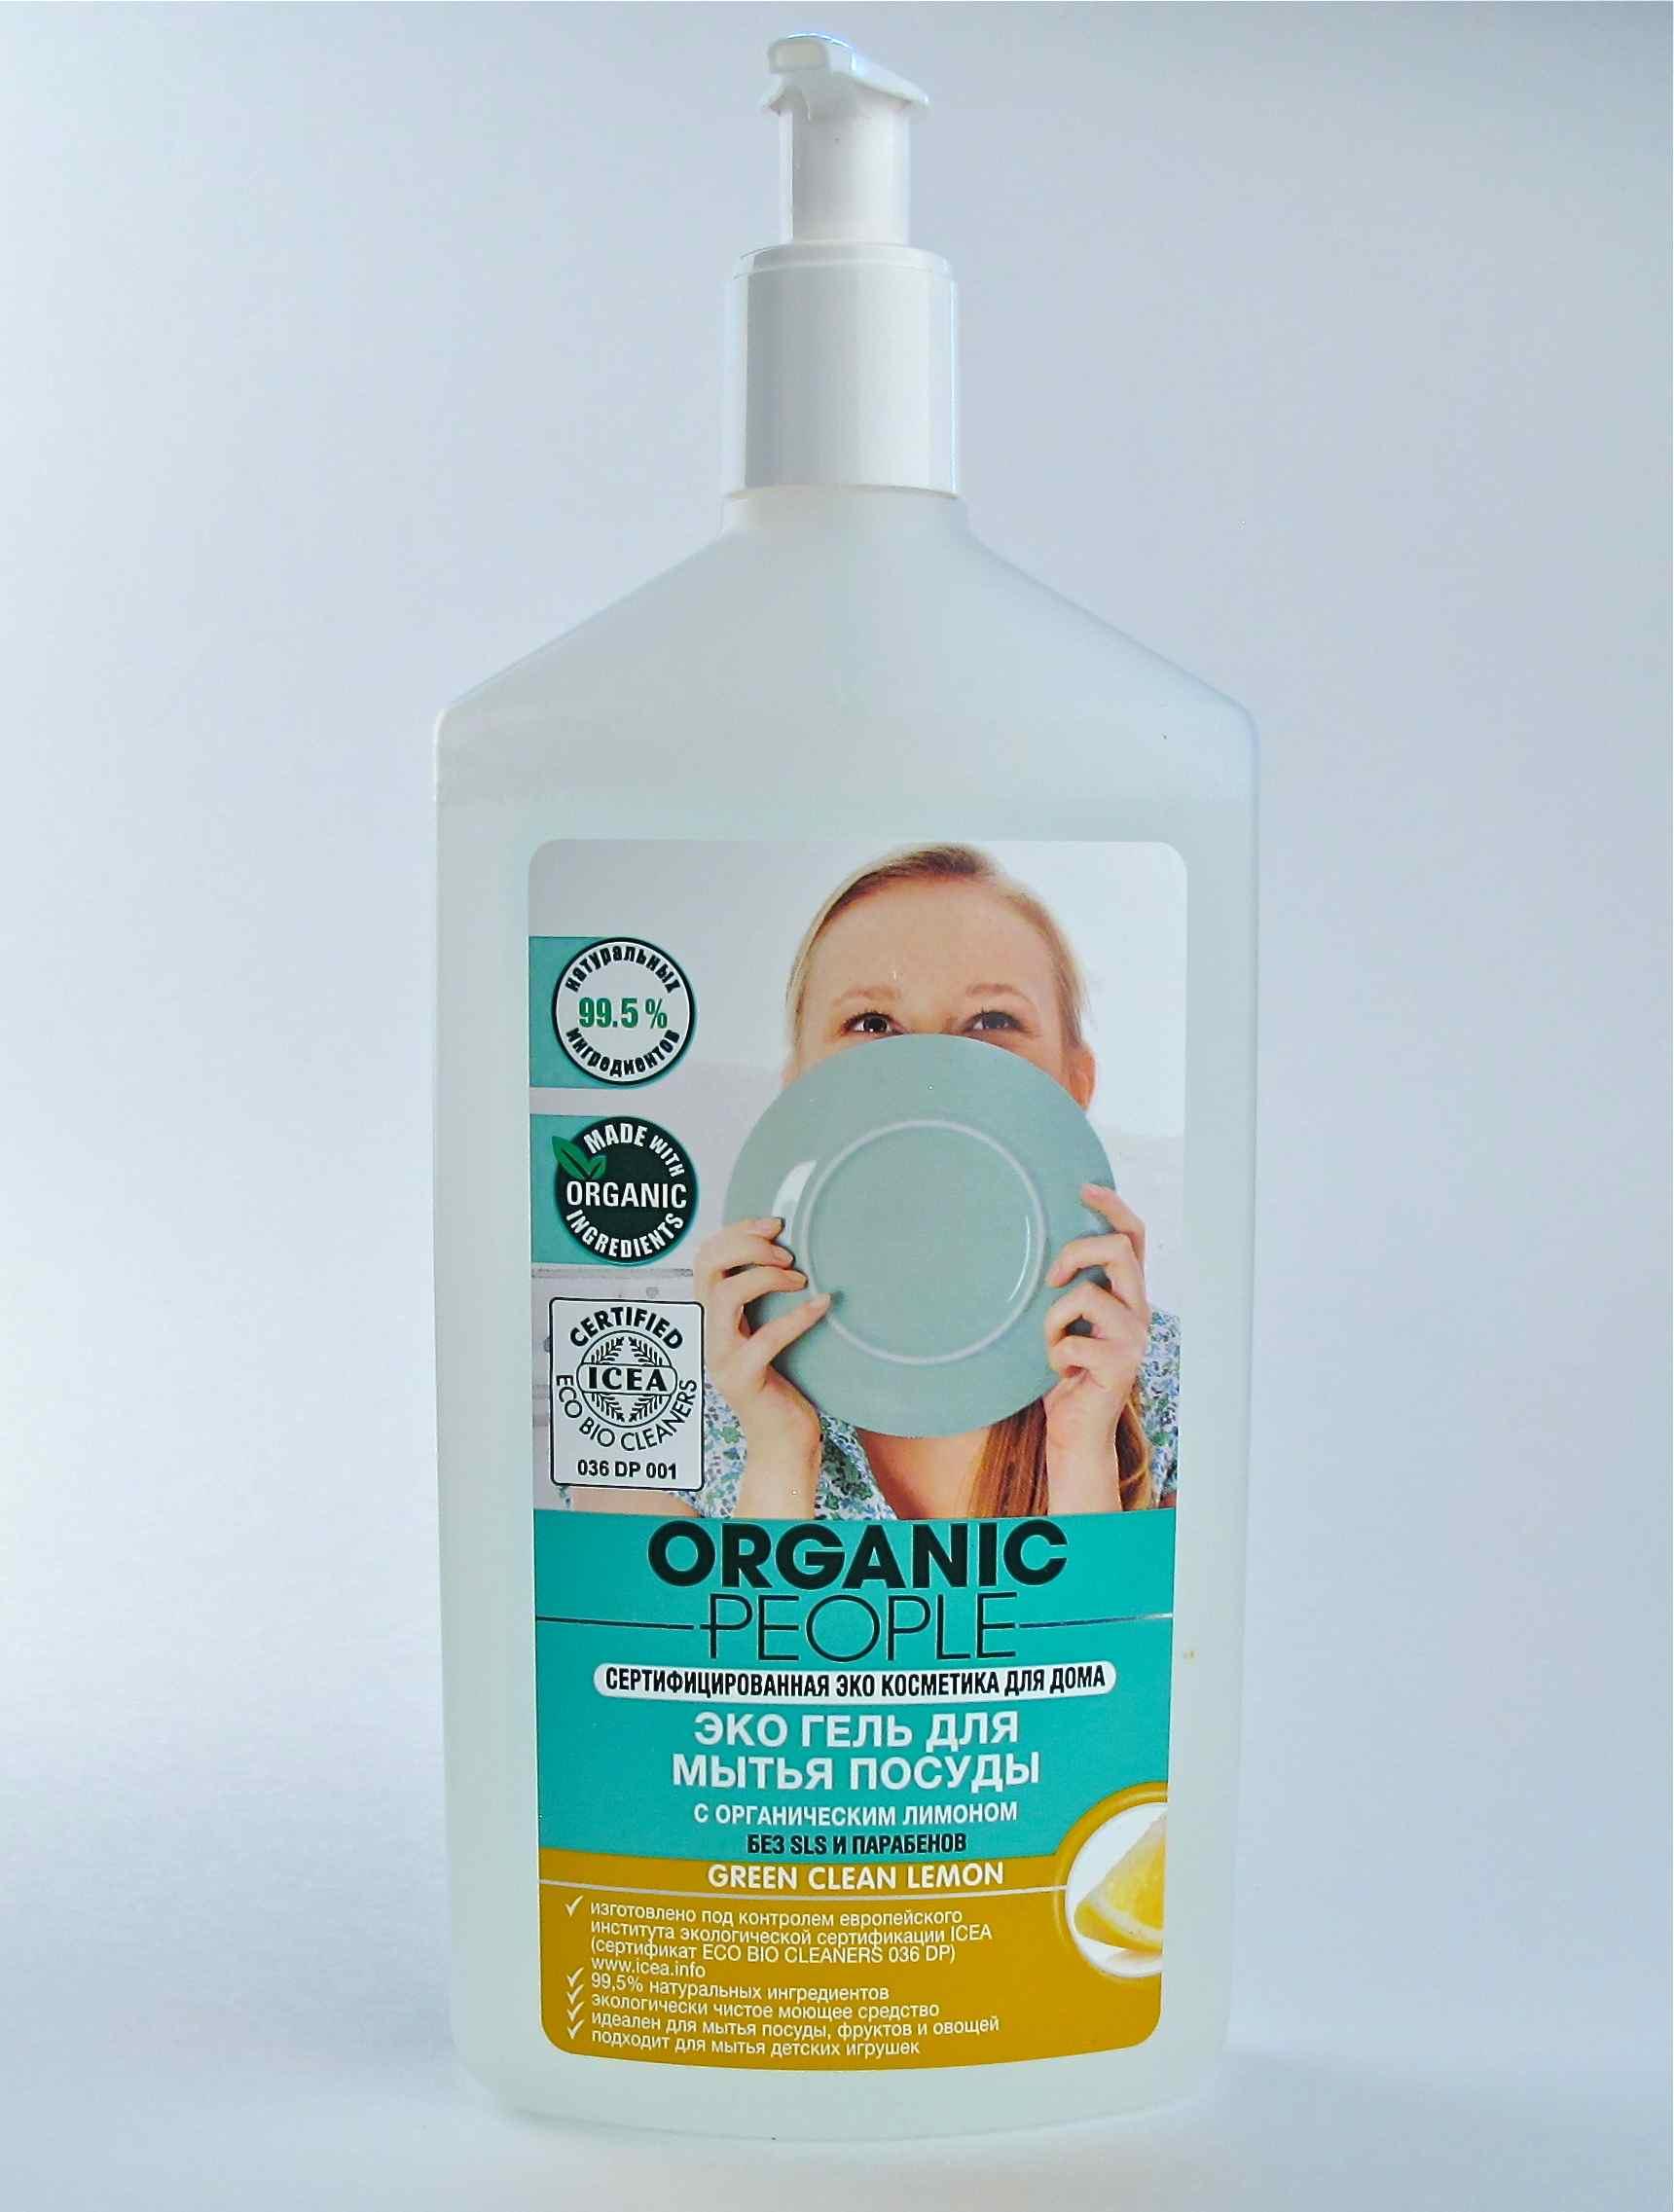 Organic people dish washer